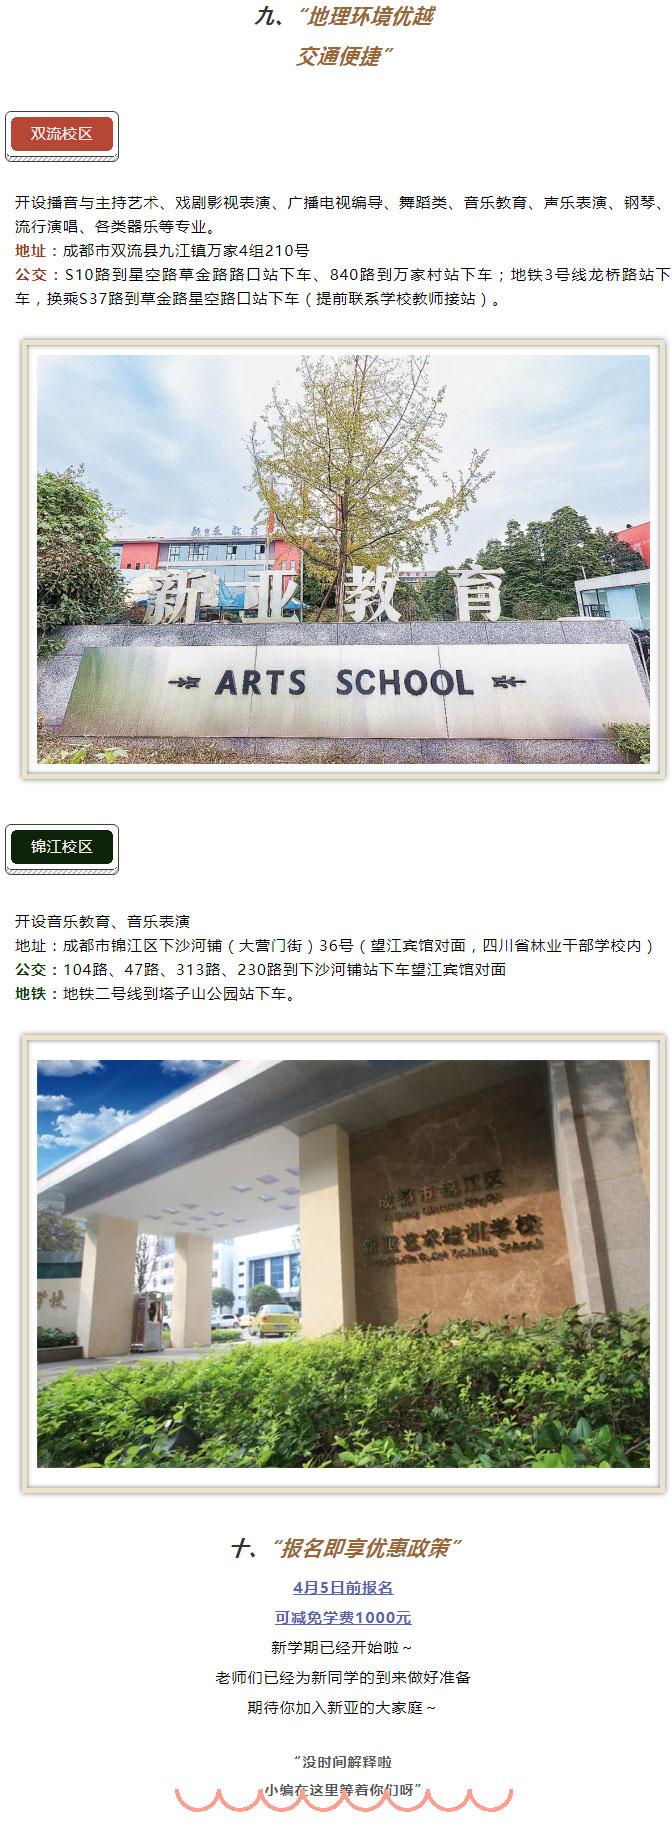 新亚艺术培训学校十大优势